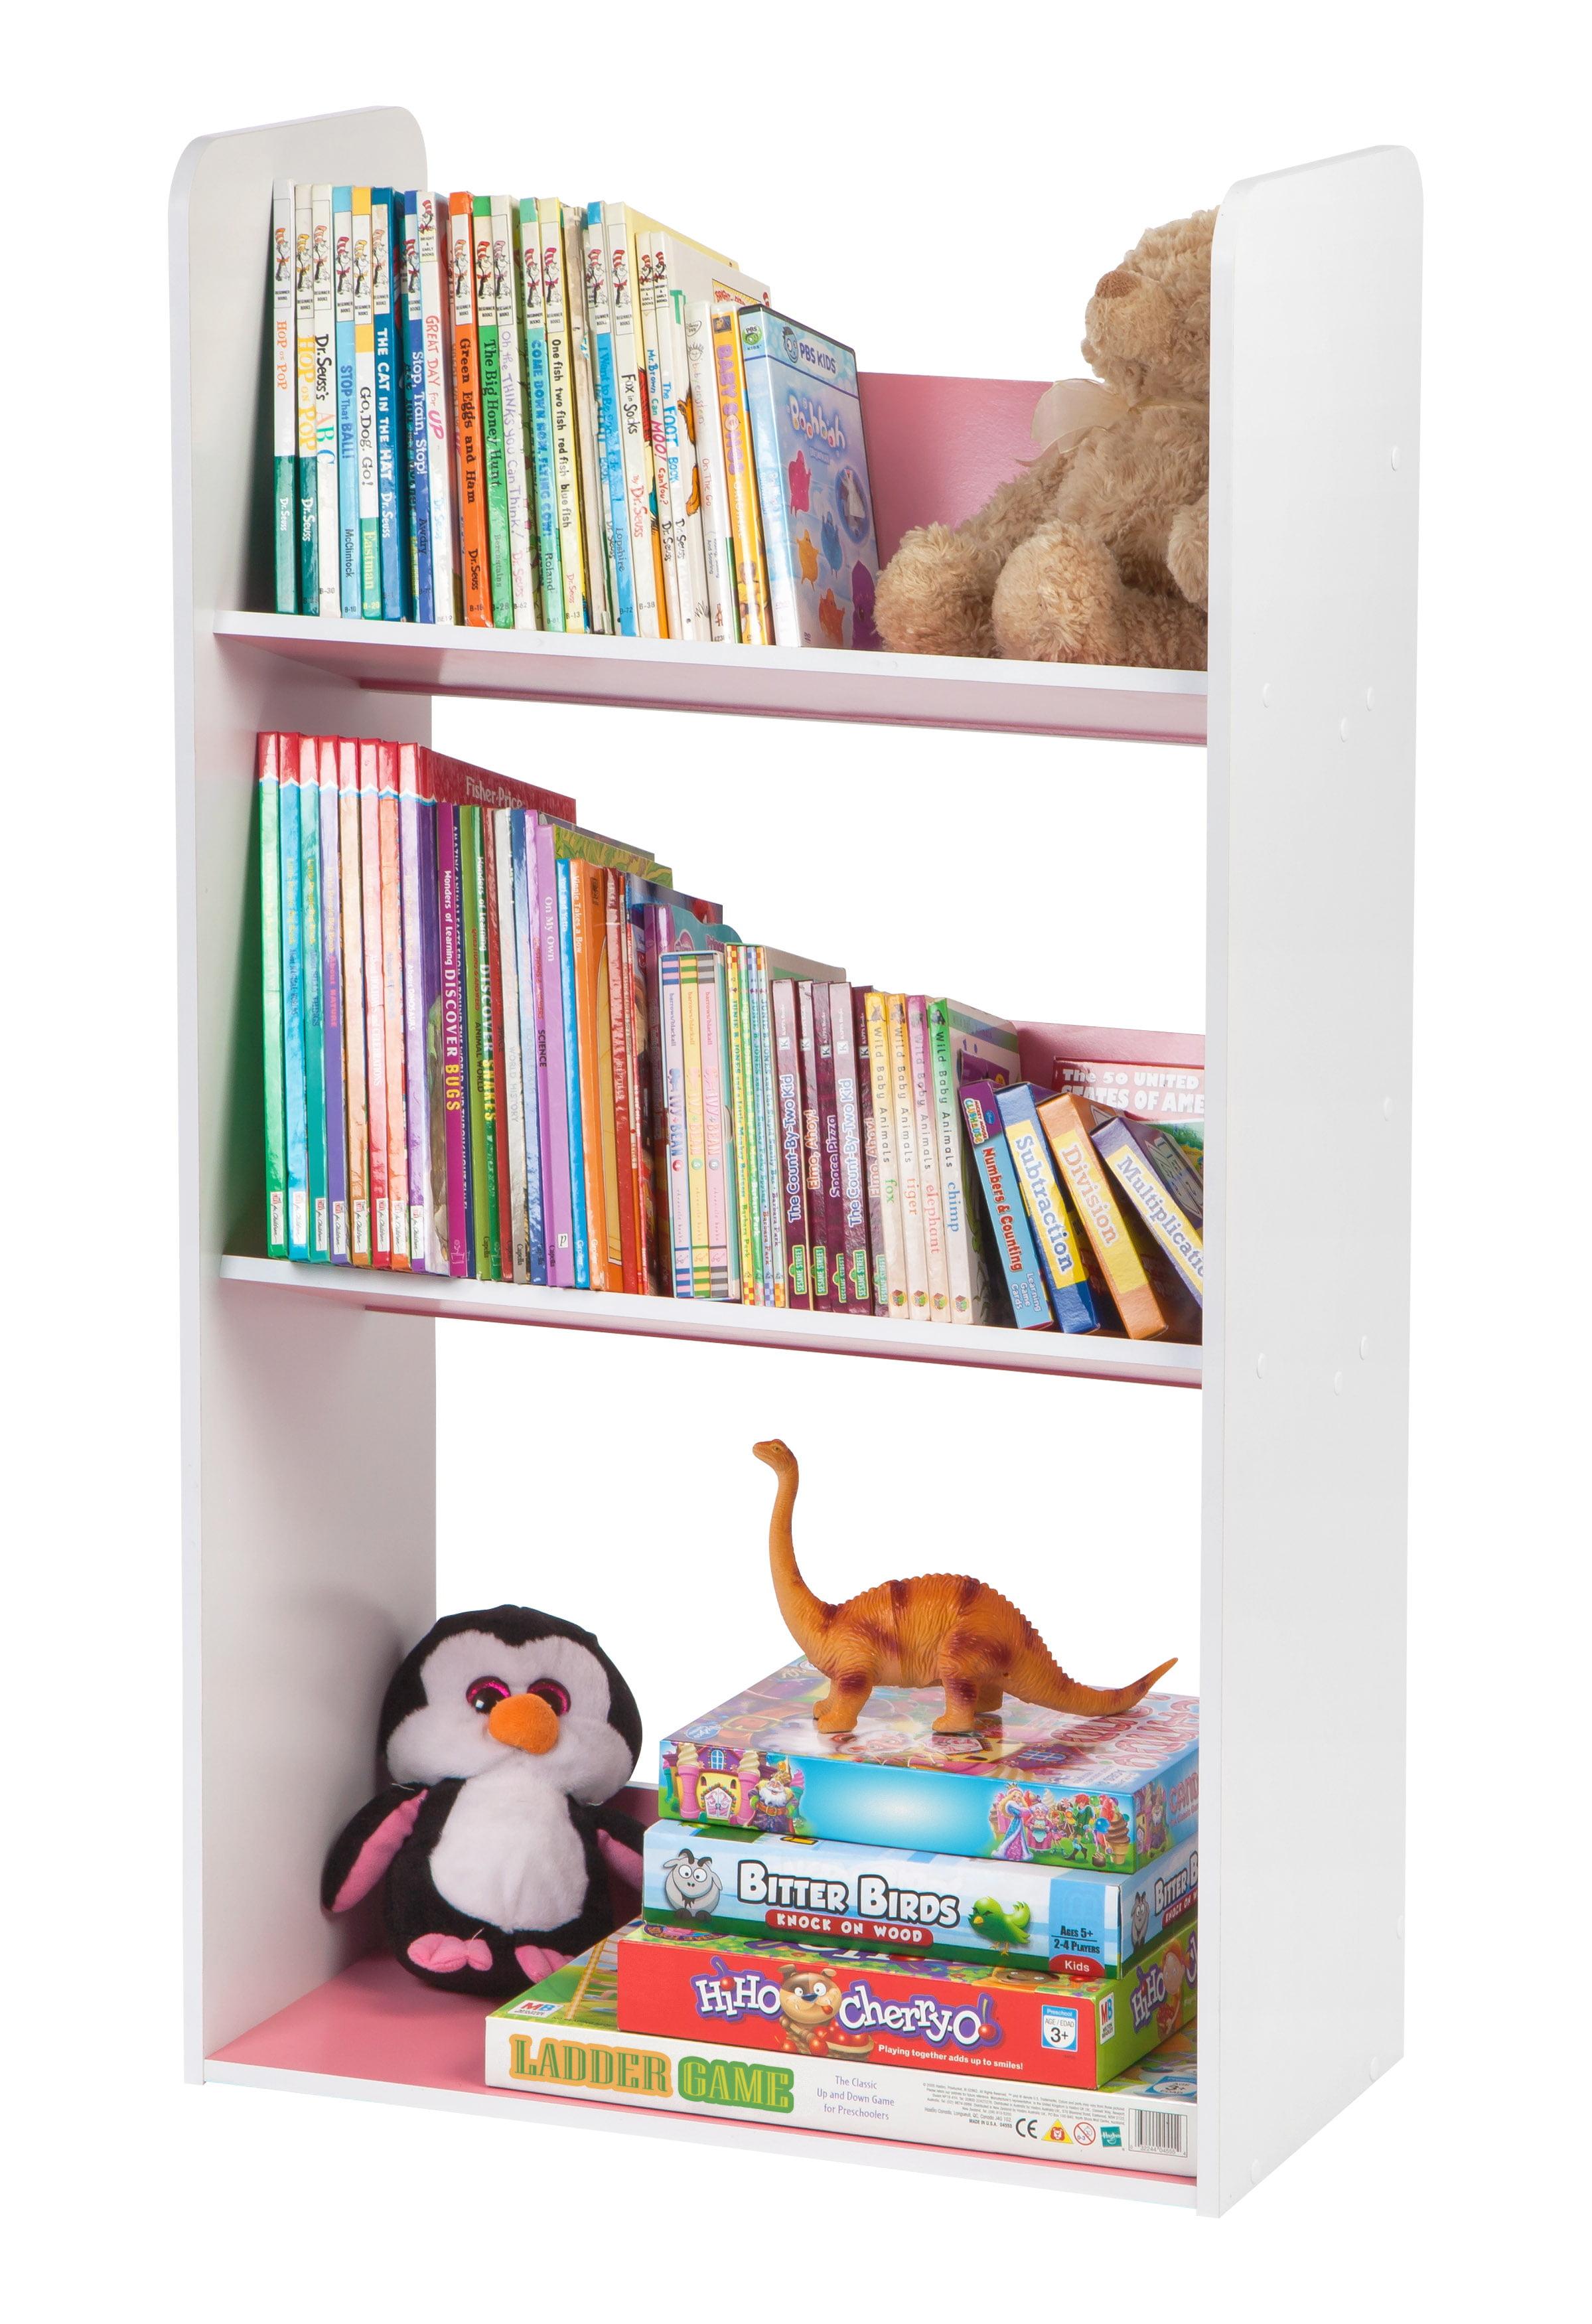 iris usa 3 tier tilted kids bookshelf pink or blue. Black Bedroom Furniture Sets. Home Design Ideas